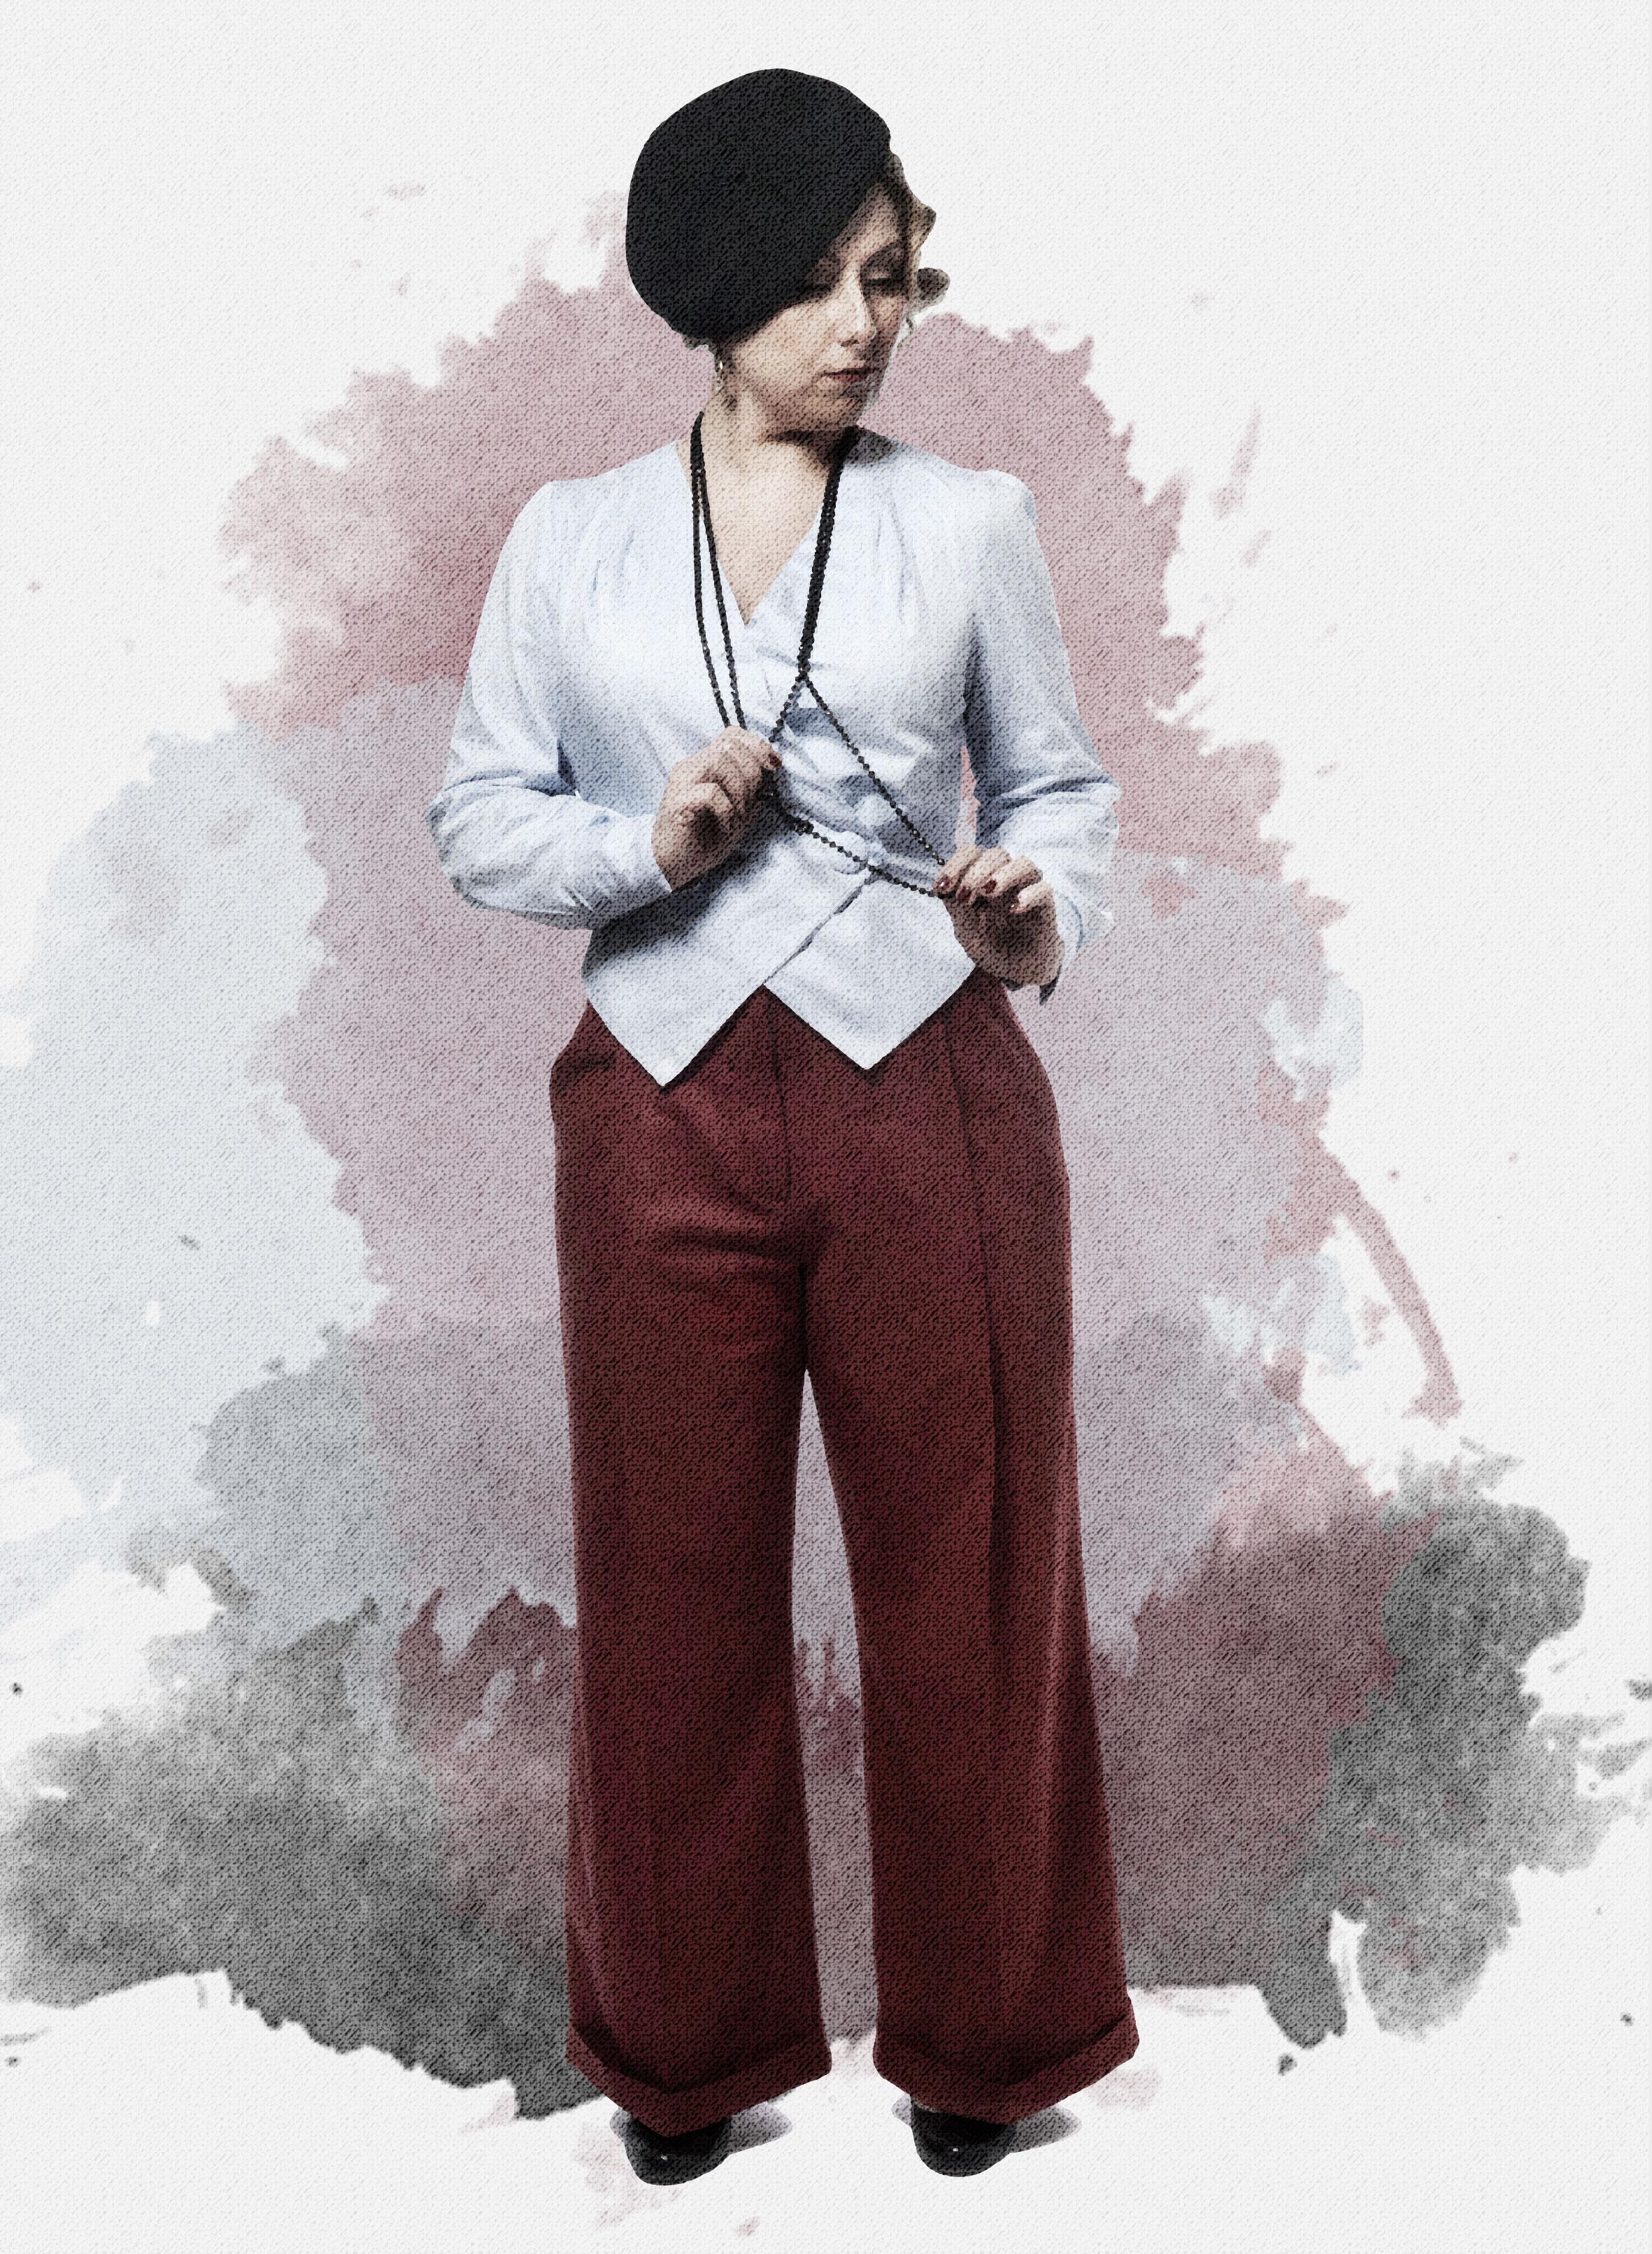 No. 14 Madrid - Disse bukser er inspireret af 1940ernes maskuline udtryk i kvindemoden. De er højtaljet, har et dybt læg, lommer og gylp. Dette er en helt klassisk vig buks med alle de klassiske detaljer fra herremoden, forskellen er at disse sidder smukt på en kvindekrop.